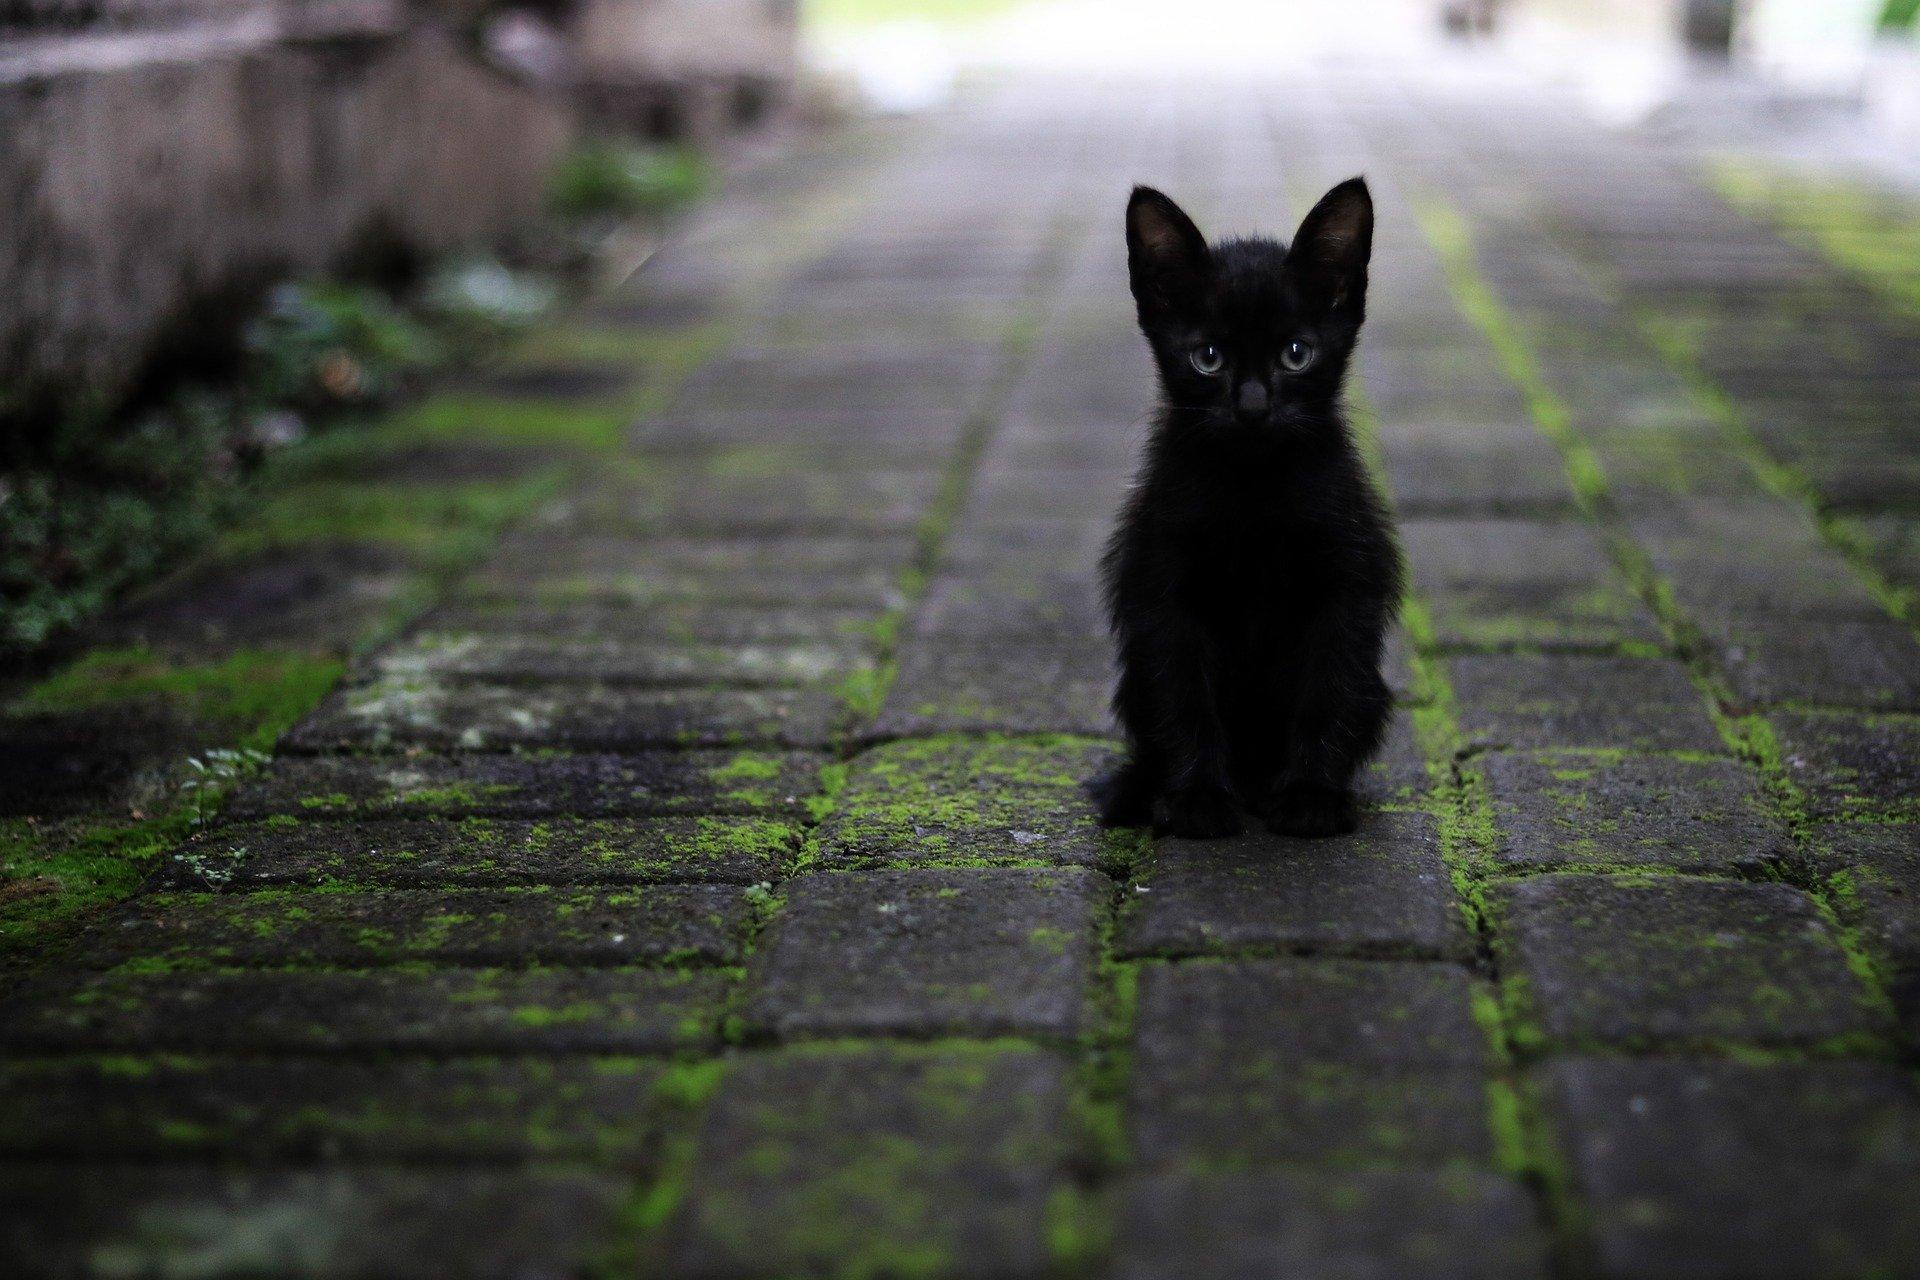 Los gatos asustados pueden huir